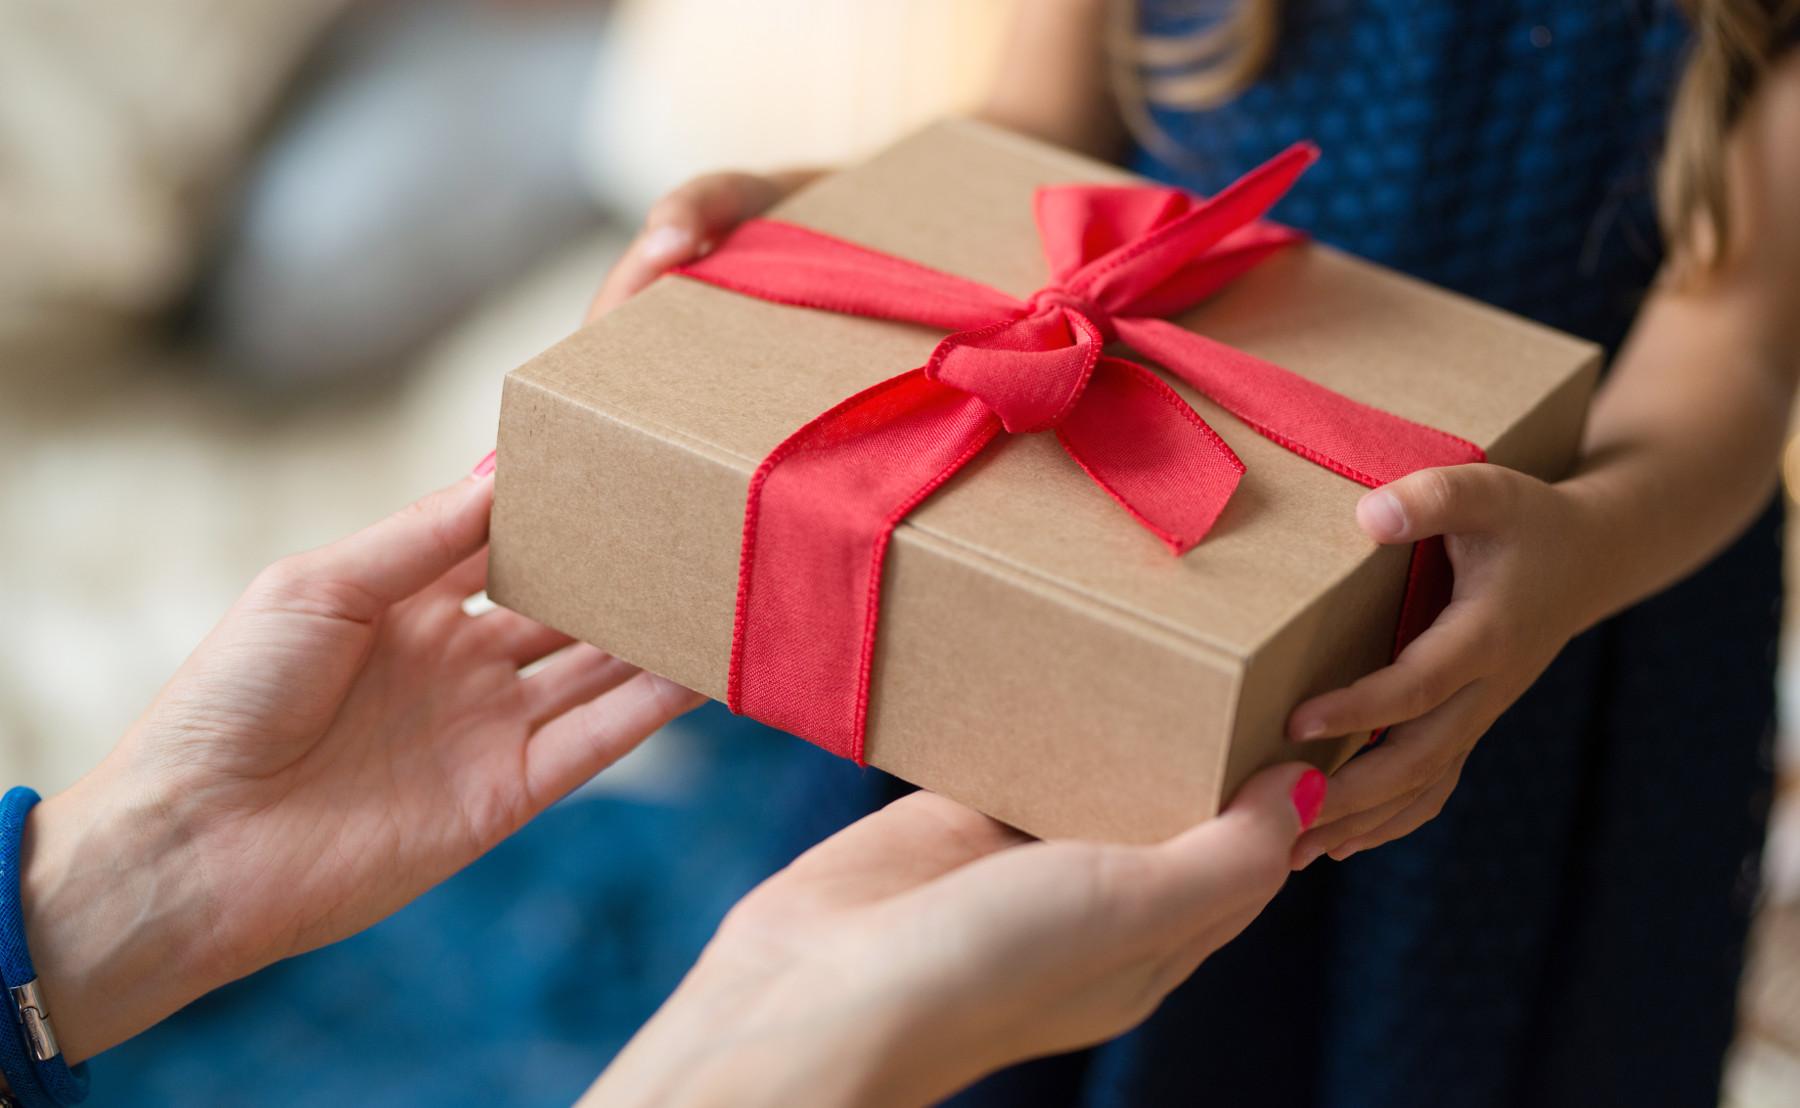 מתנה ליולדת: רעיונות למתנות מקוריות שאולי לא הכרתם